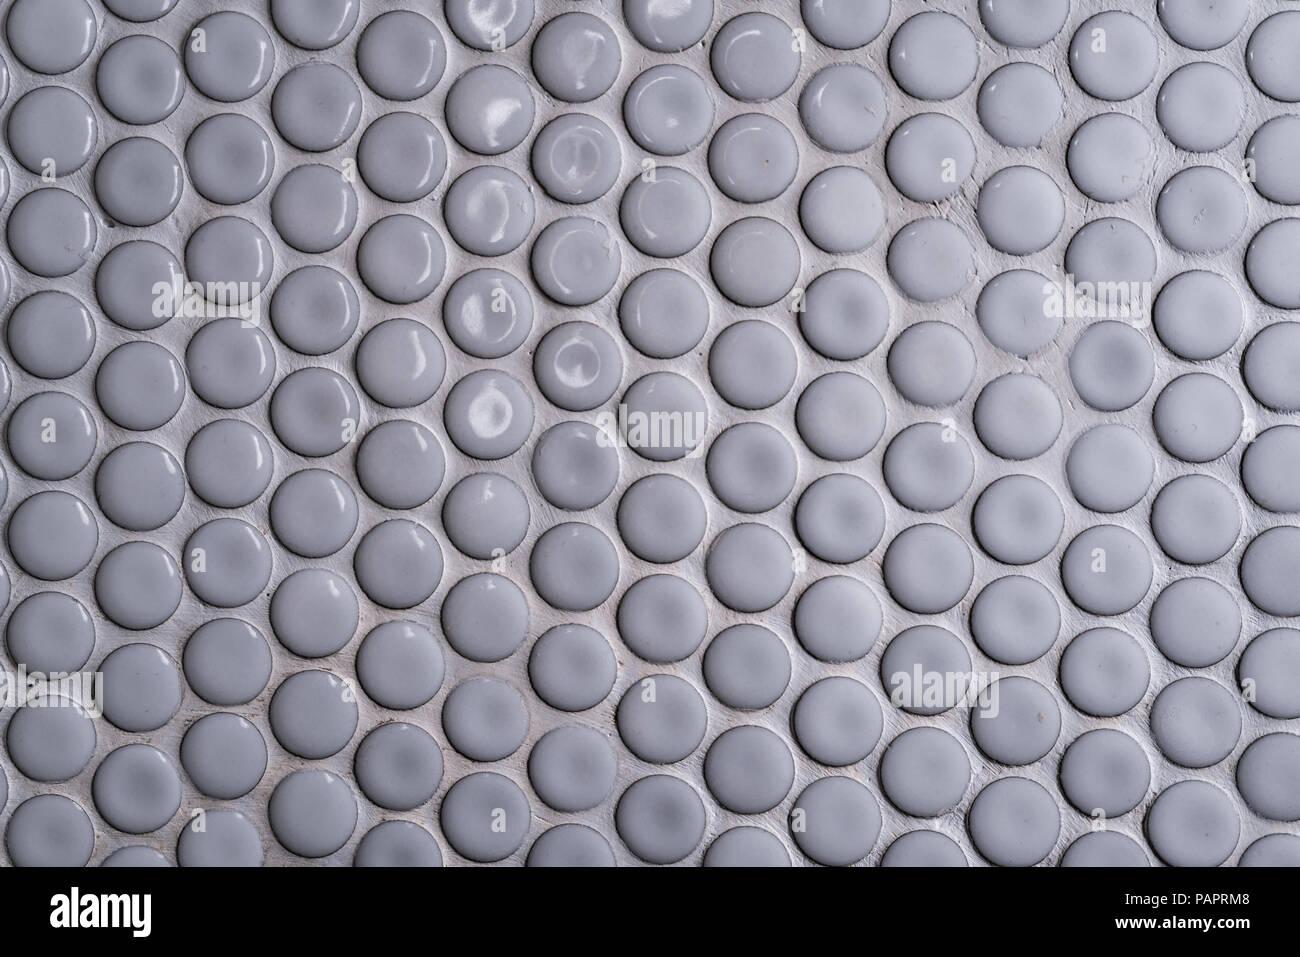 White piastrelle in ceramica a parete con molti rotondo piccolo